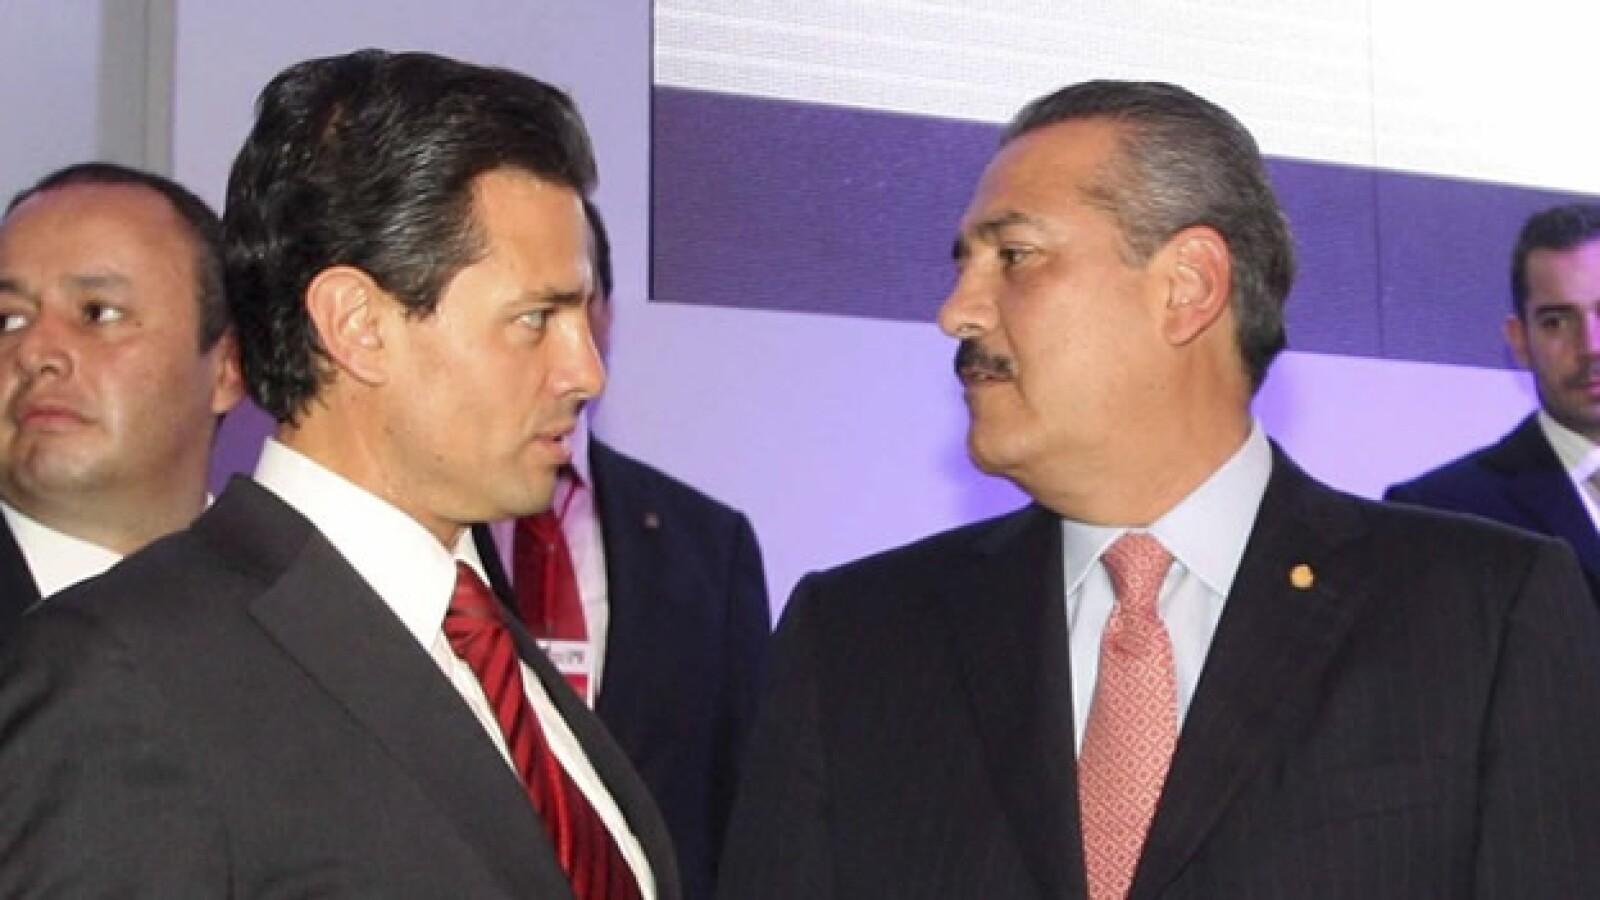 Peña Nieto y Beltrones durante el durante el Consejo Político Nacional del PRI, en el que se aprobó que la eleccion del PRI fuera abierta a